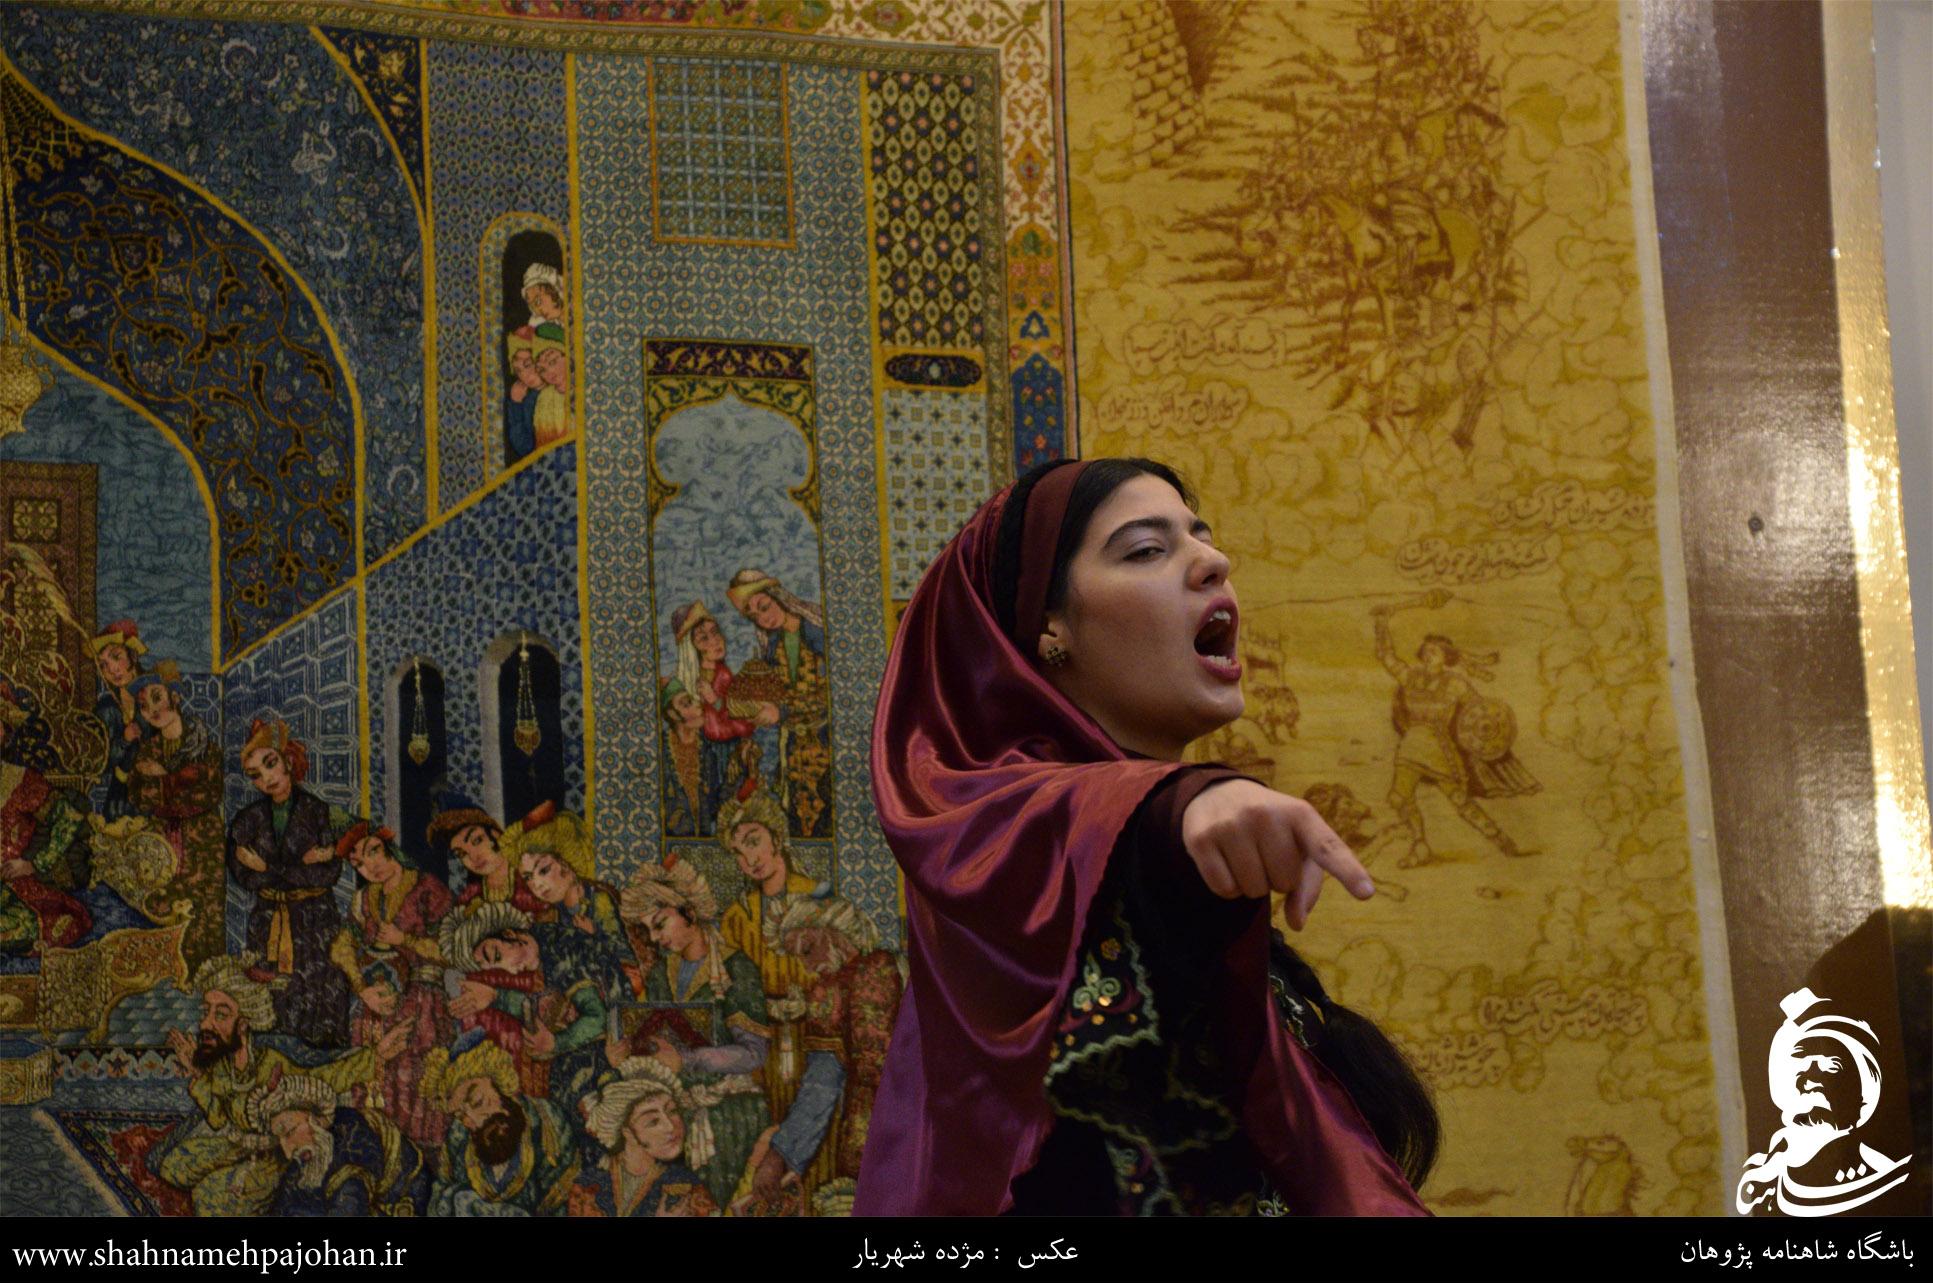 شاهنامه خوانی و نقالی در موزه فرش استاد رسام عرب زاده